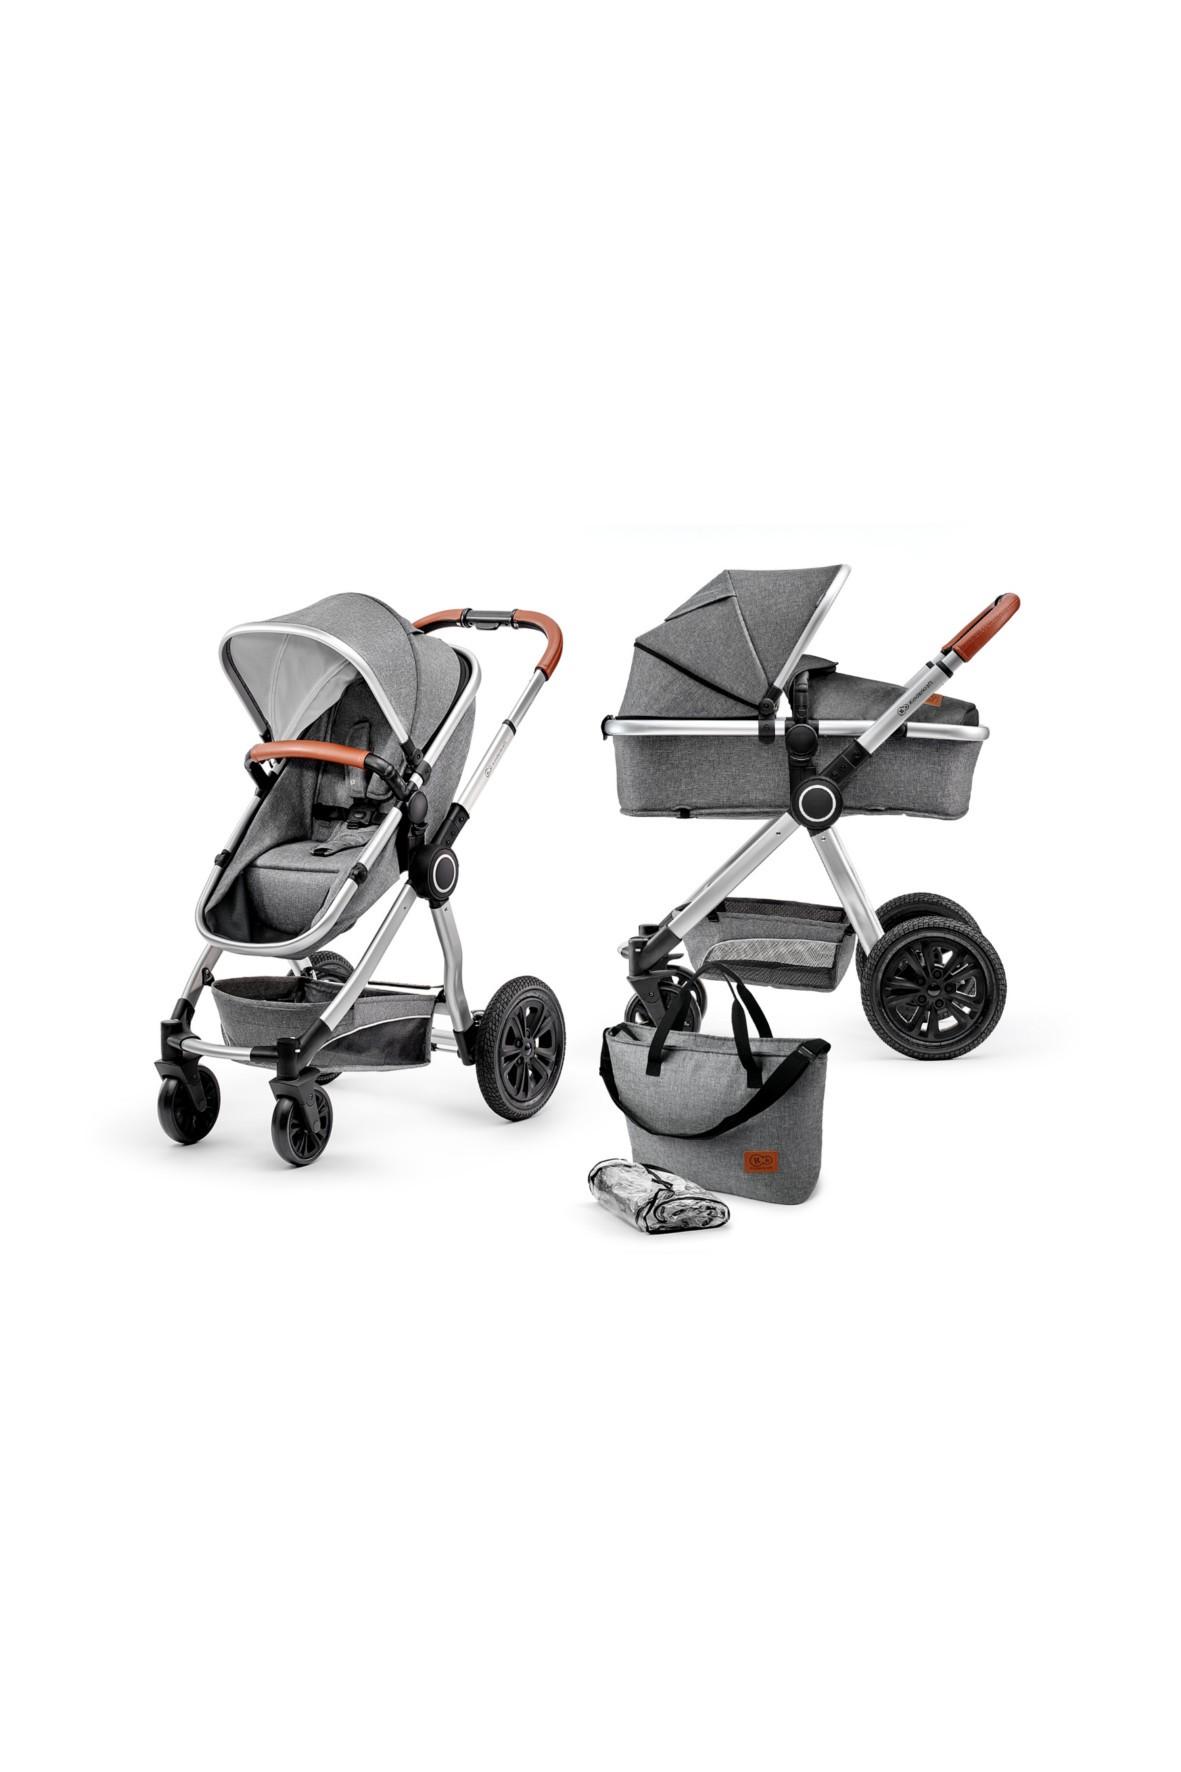 Wózek wielofunkcyjny dla dziecka 2w1 VEO KinderKraft